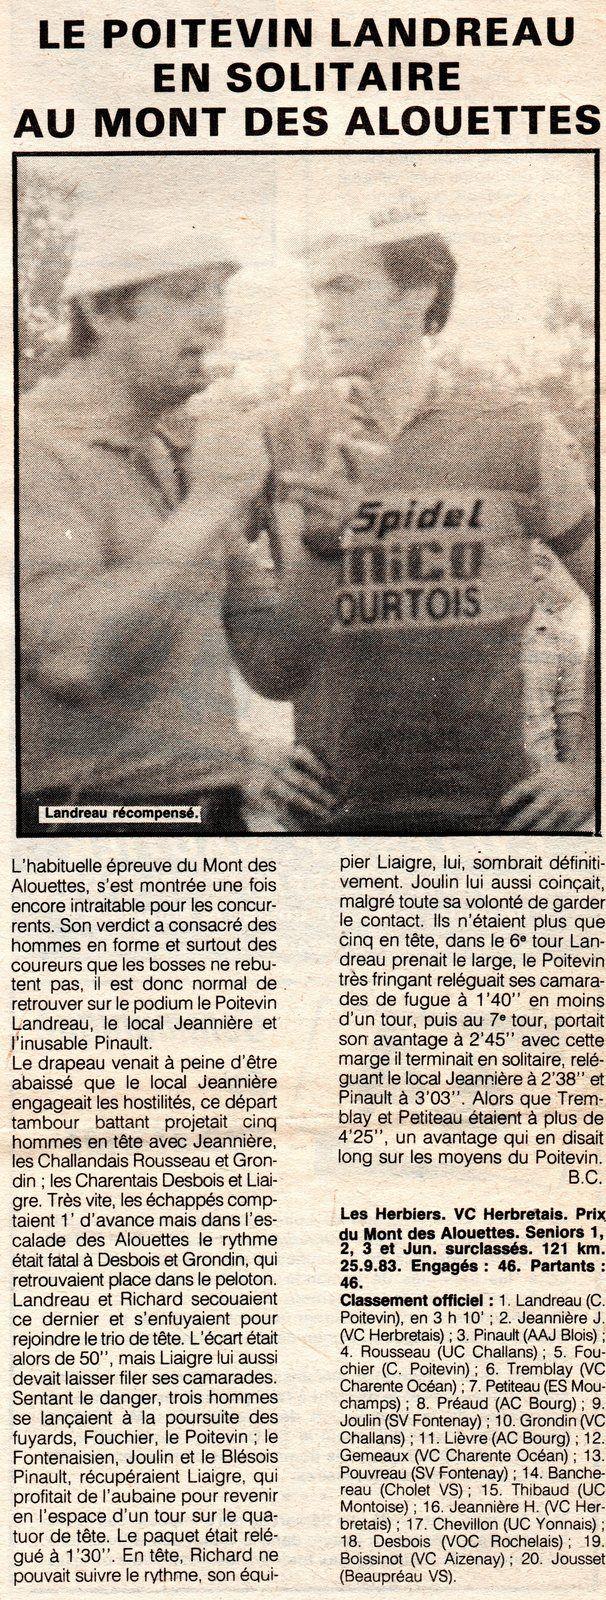 Le Mont des Alouettes (Les Herbiers) 1983.